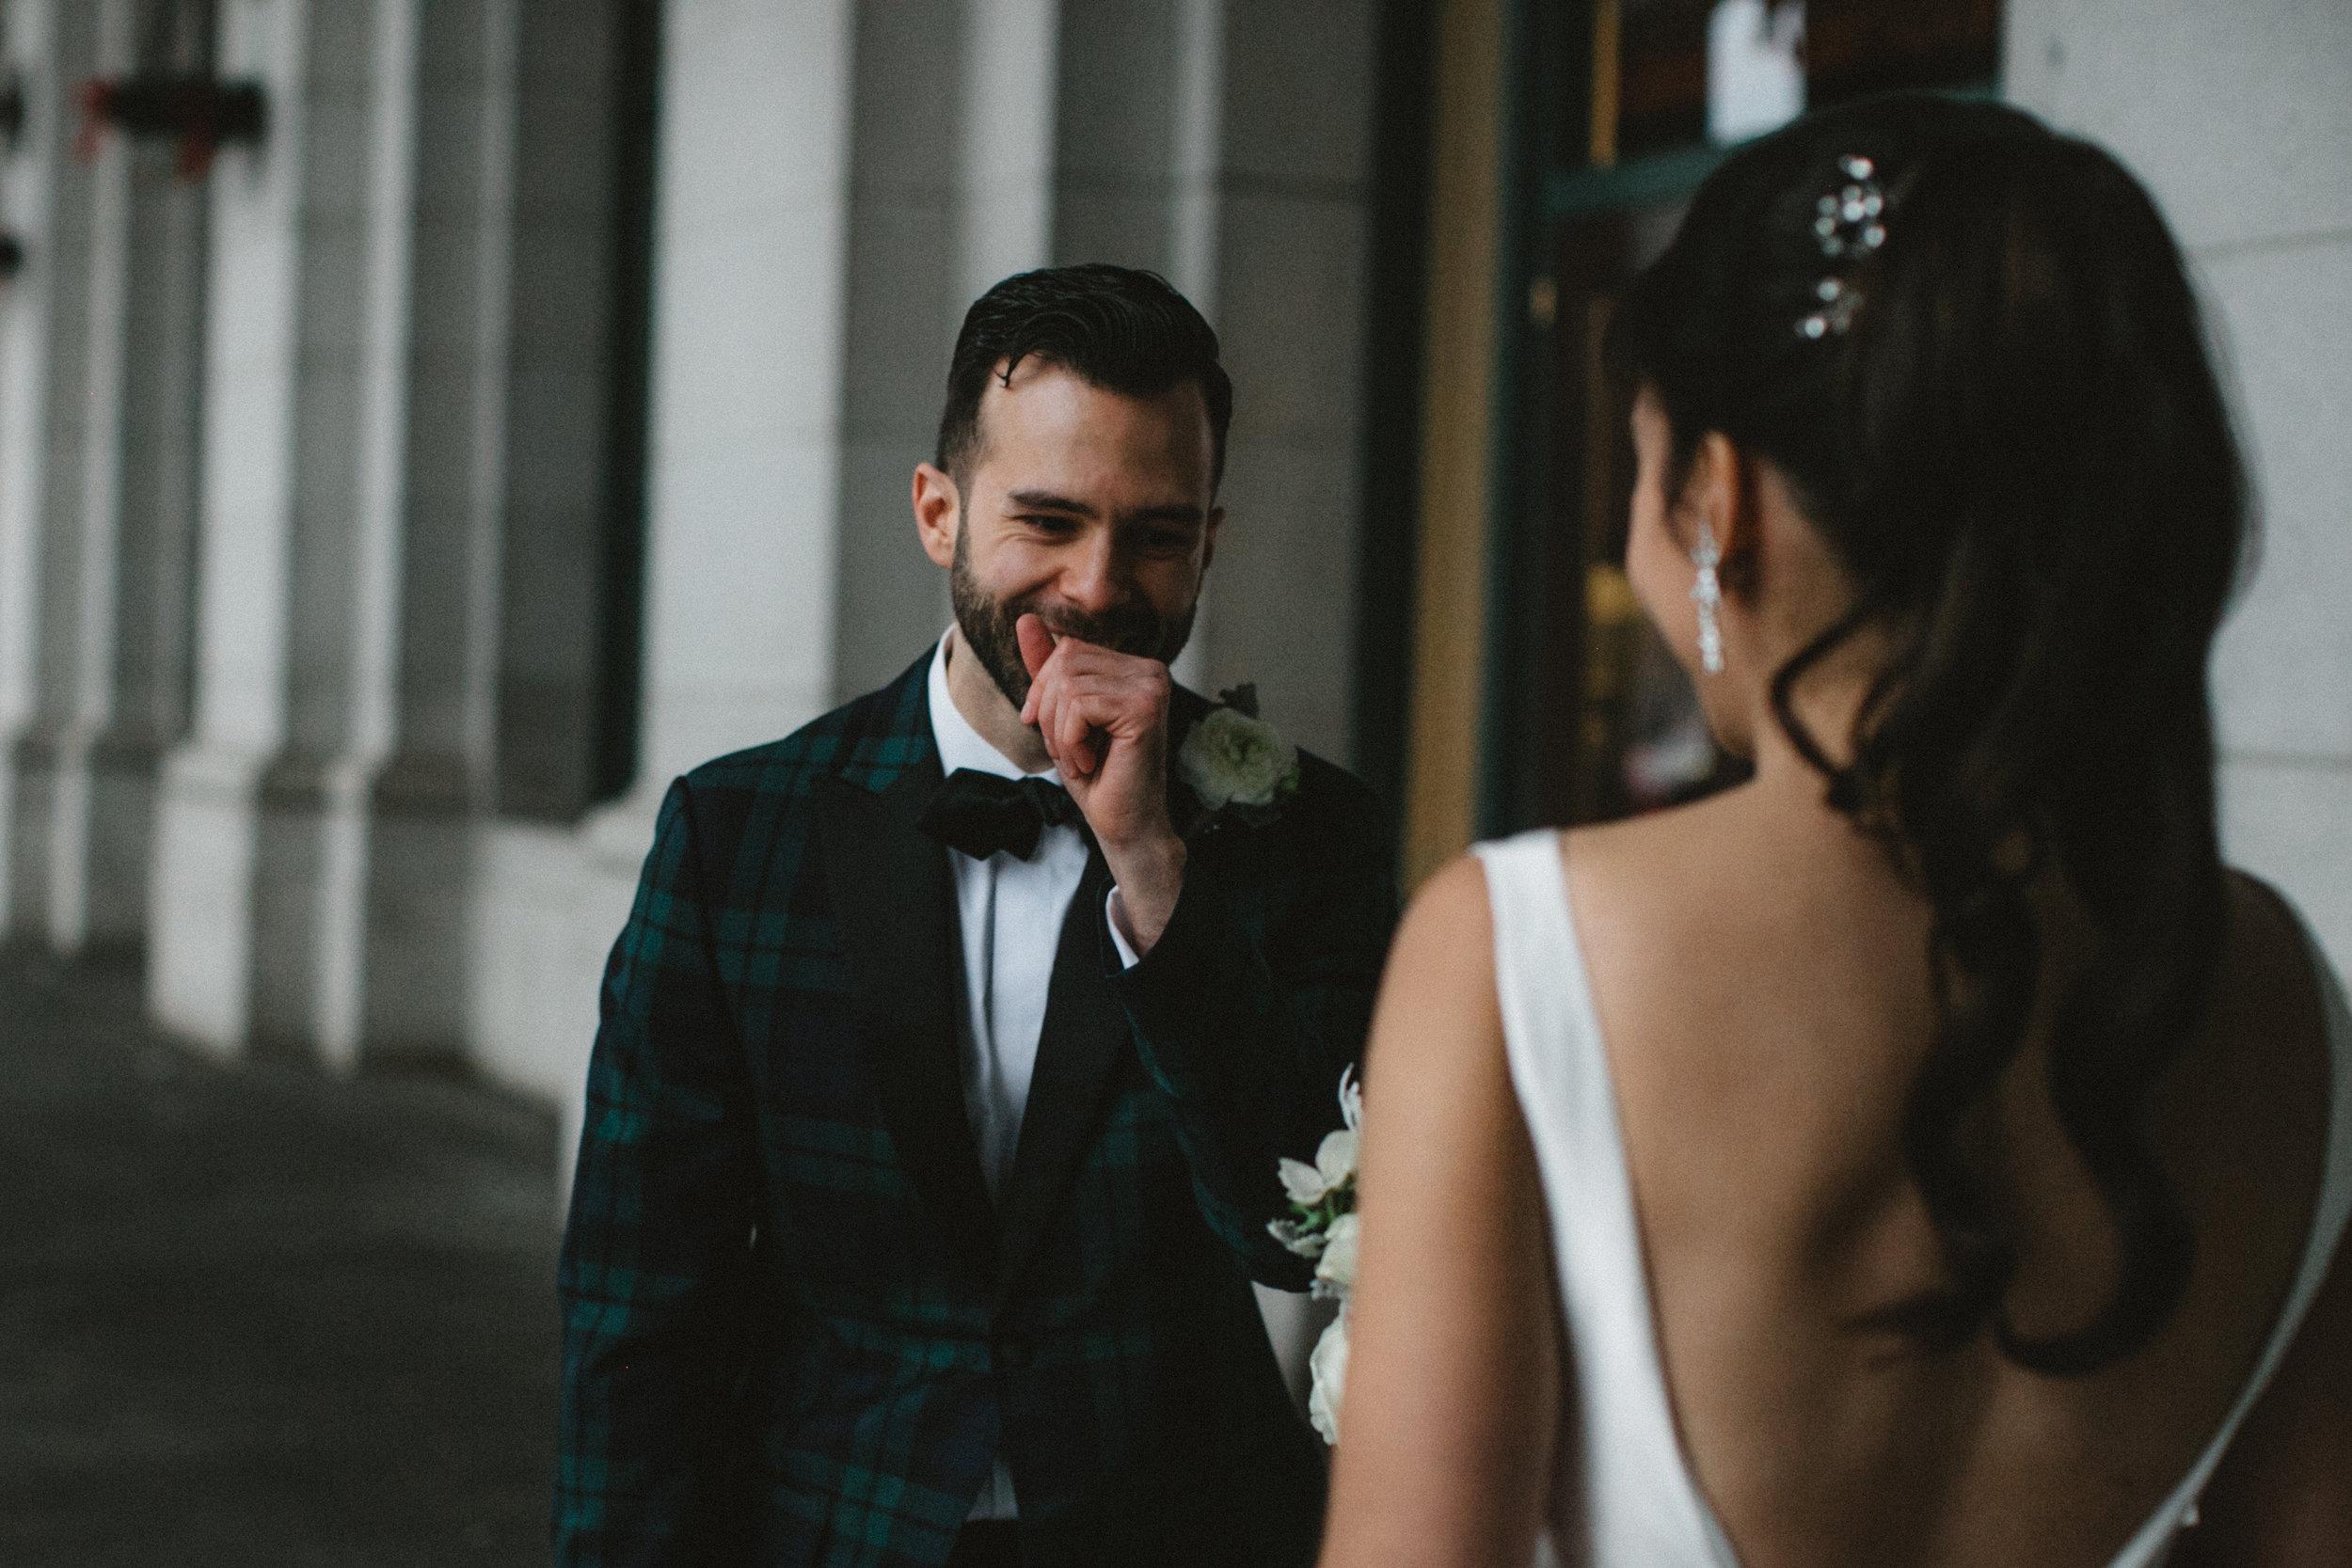 Pour la première fois de la journée, le futur marié voit sa fiancée lors du 'first look'